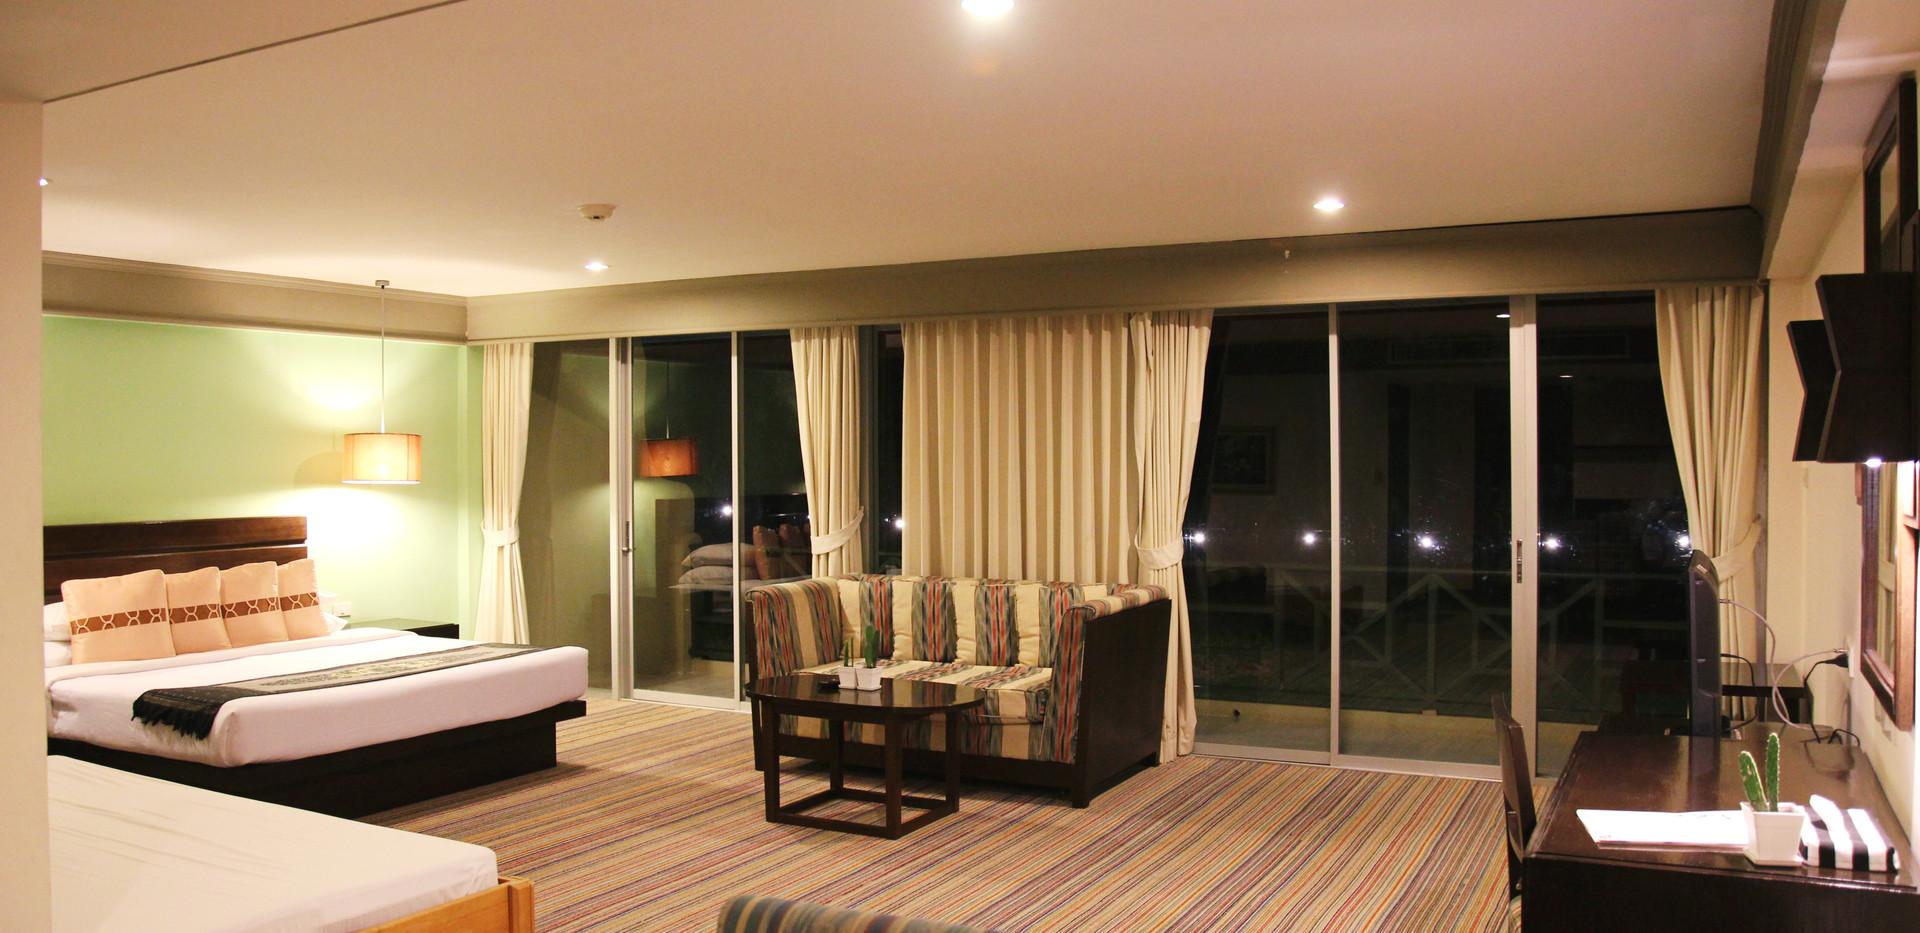 Aekpailin river kwai hotel